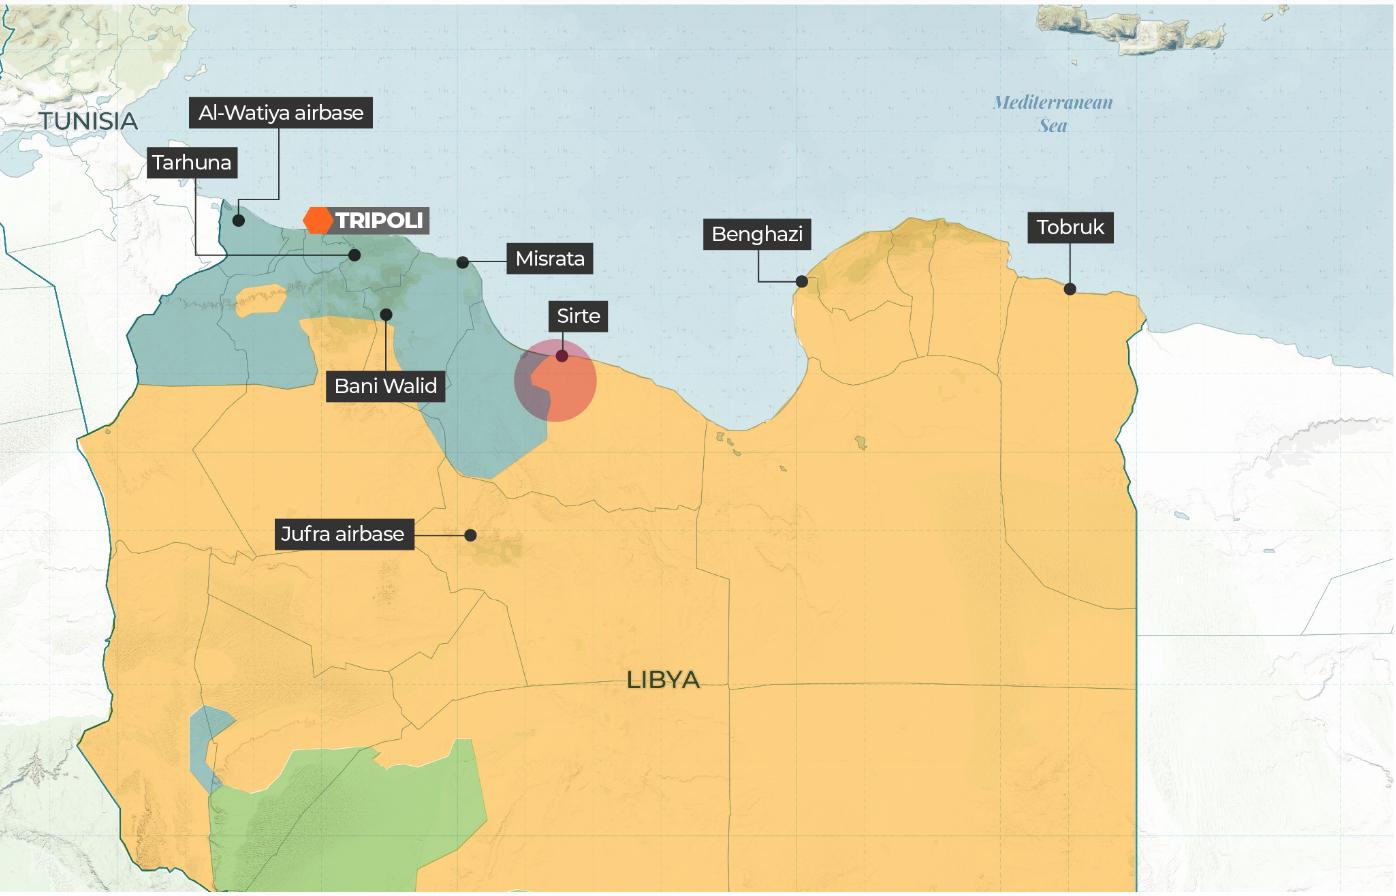 Mappa tratta dal sito di al-Jazeera